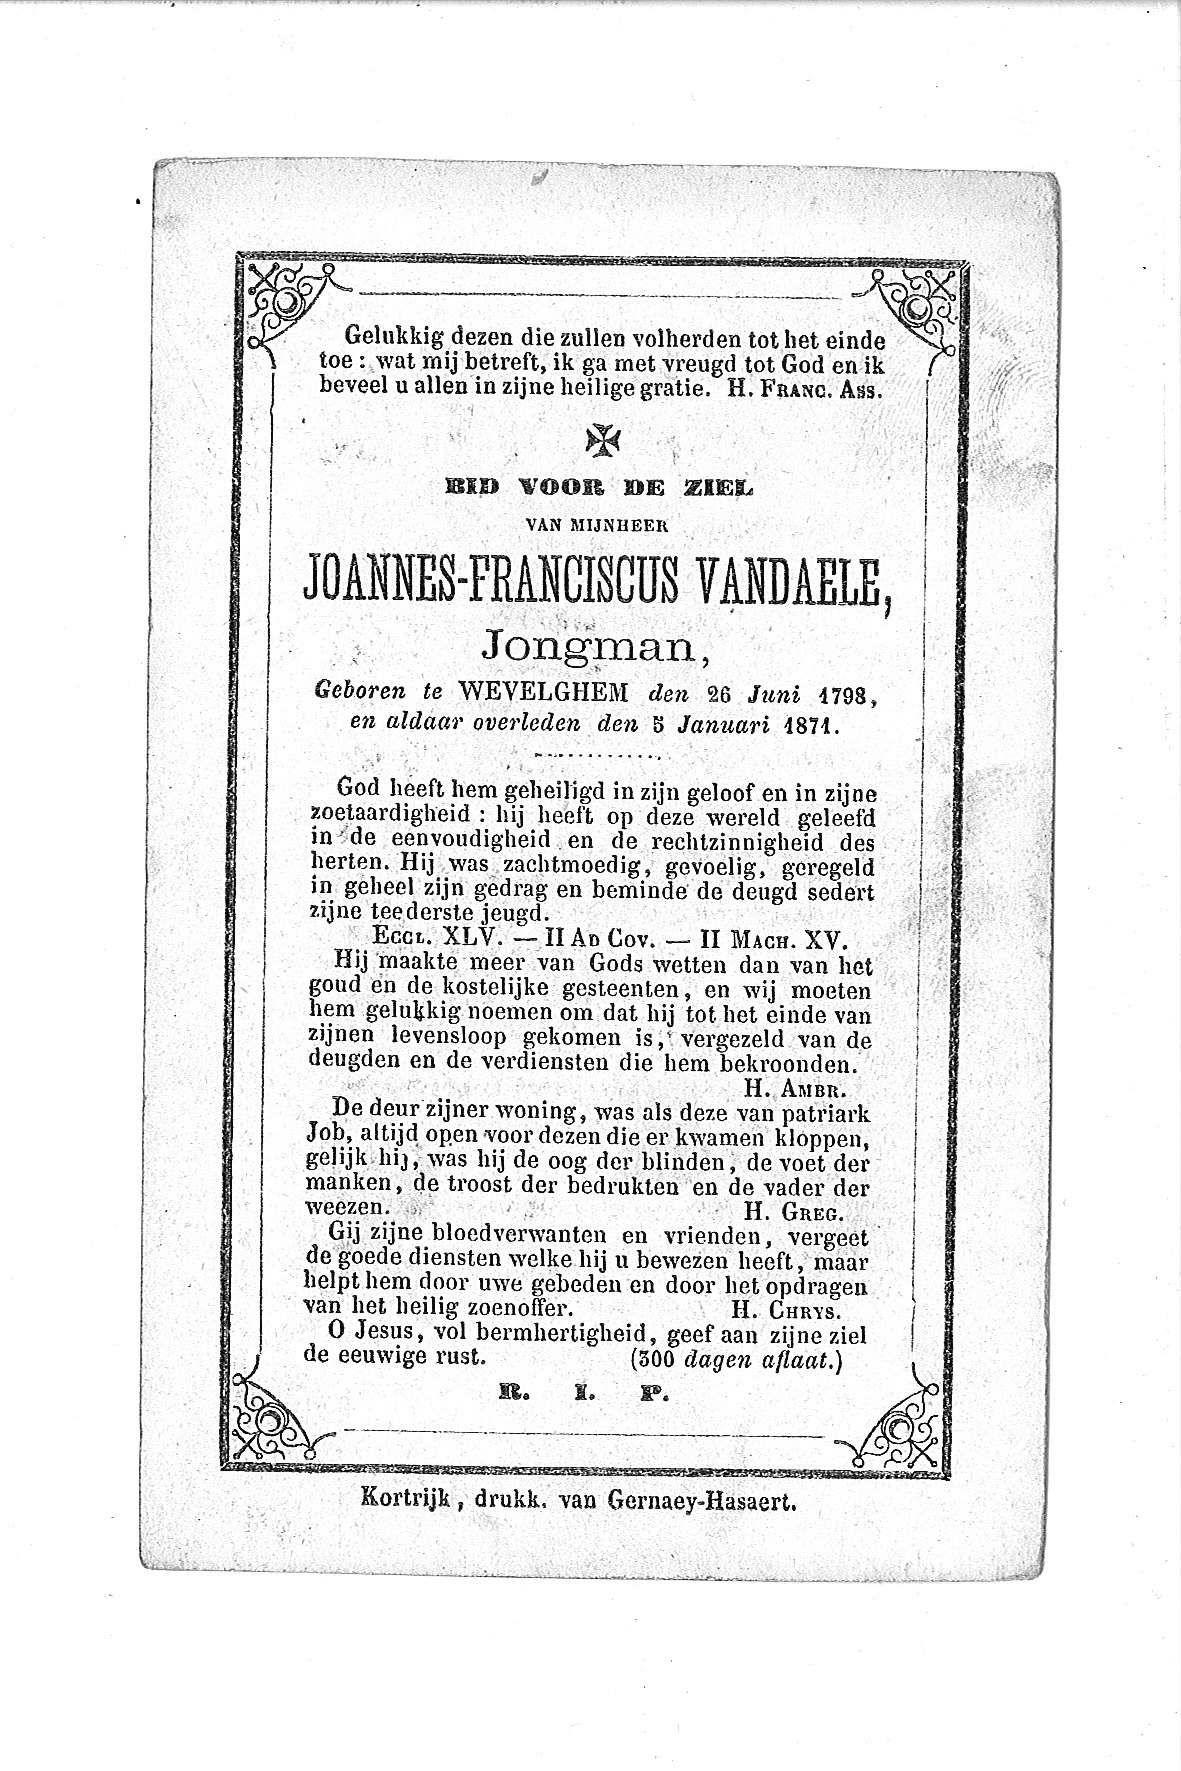 Joannes-Franciscus(1871)20091211101053_00019.jpg